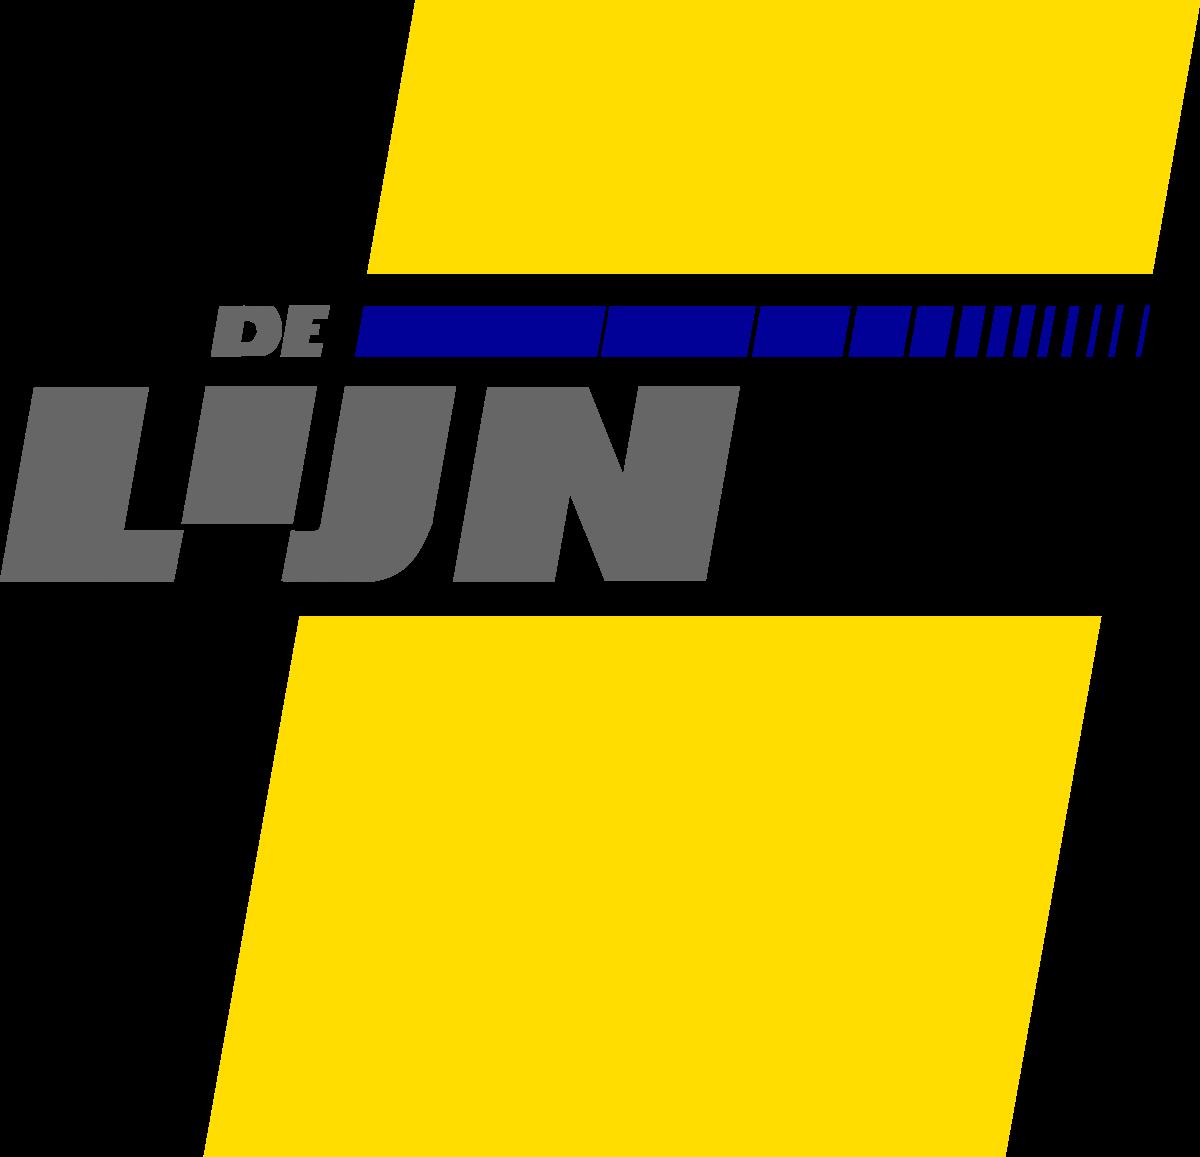 De lijn 1234